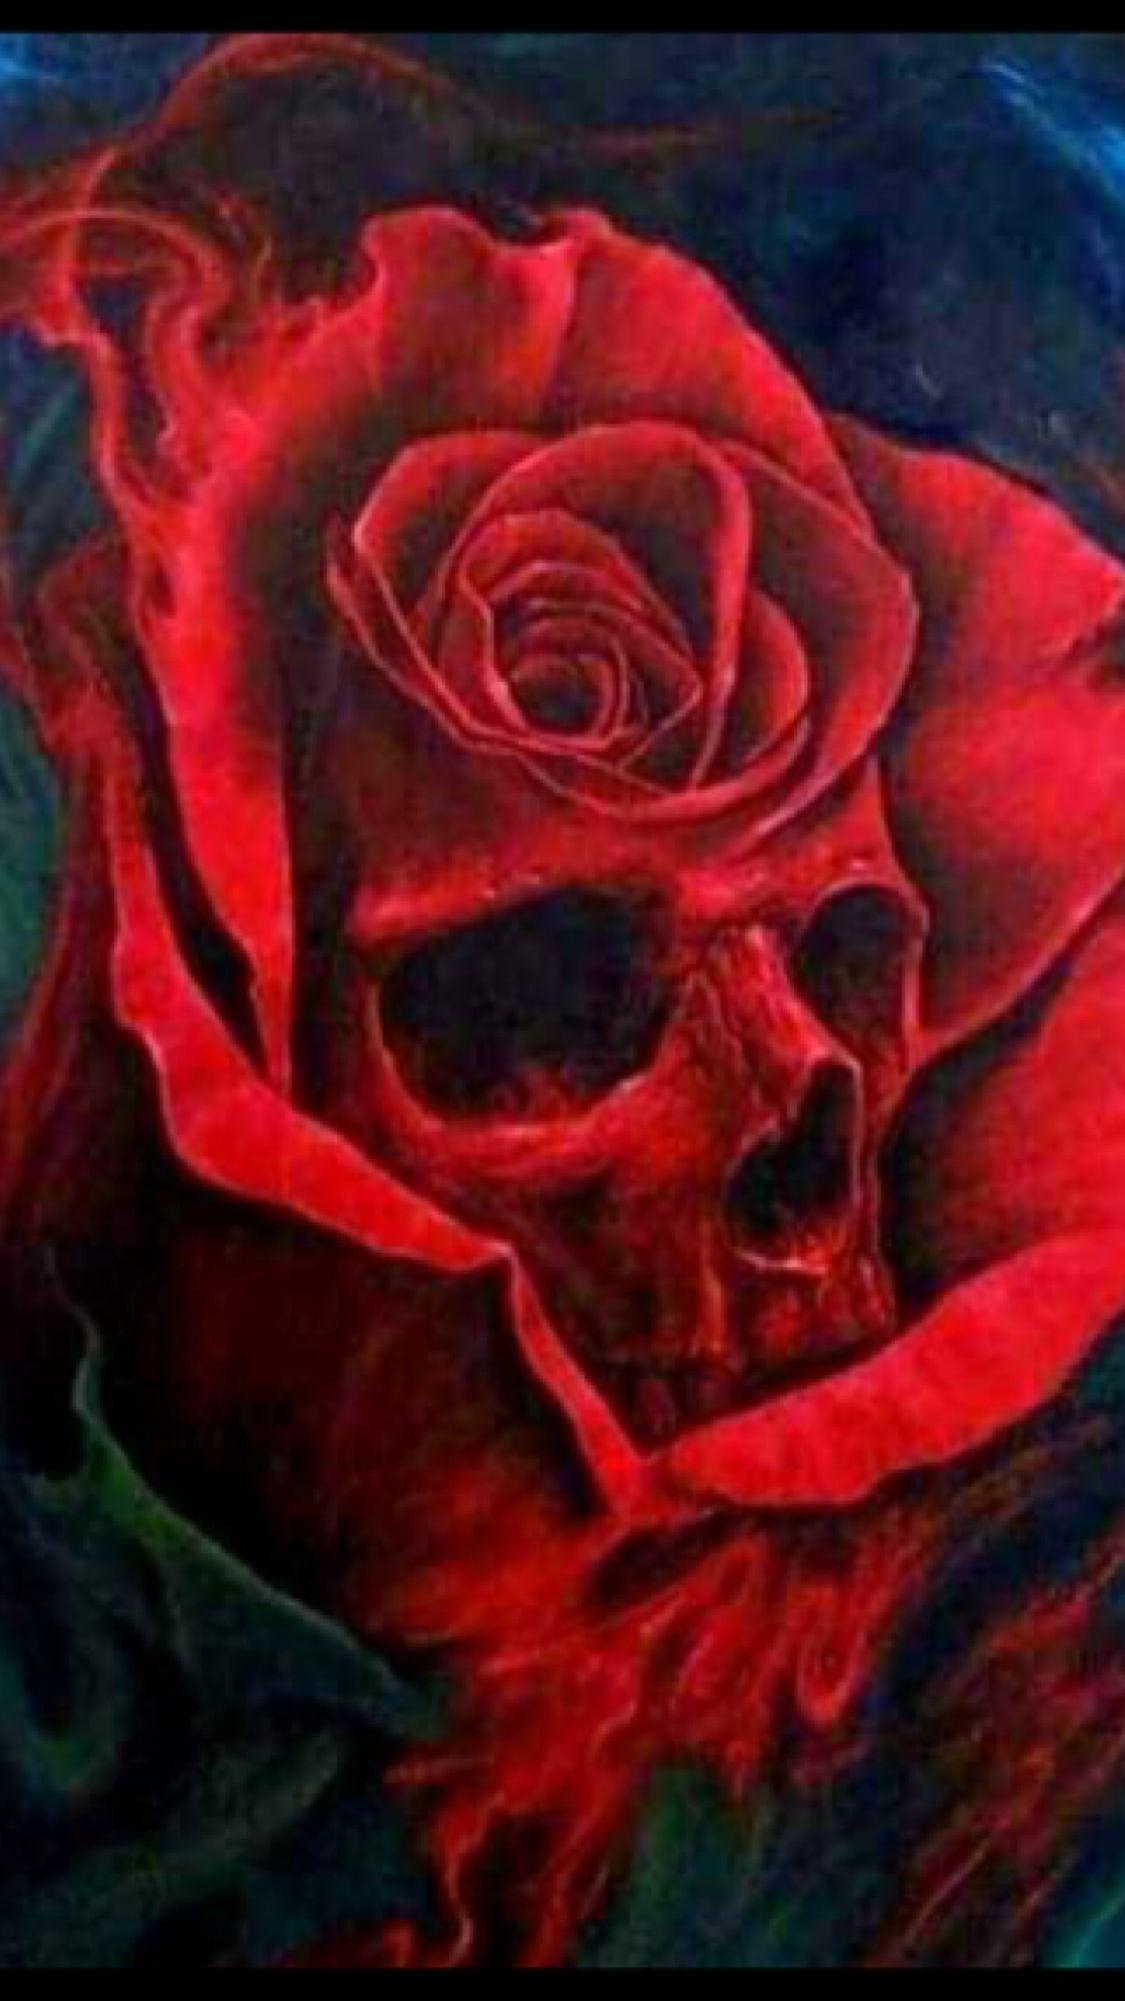 Pin by artur szelenbaum on Art Skull art, Skeleton